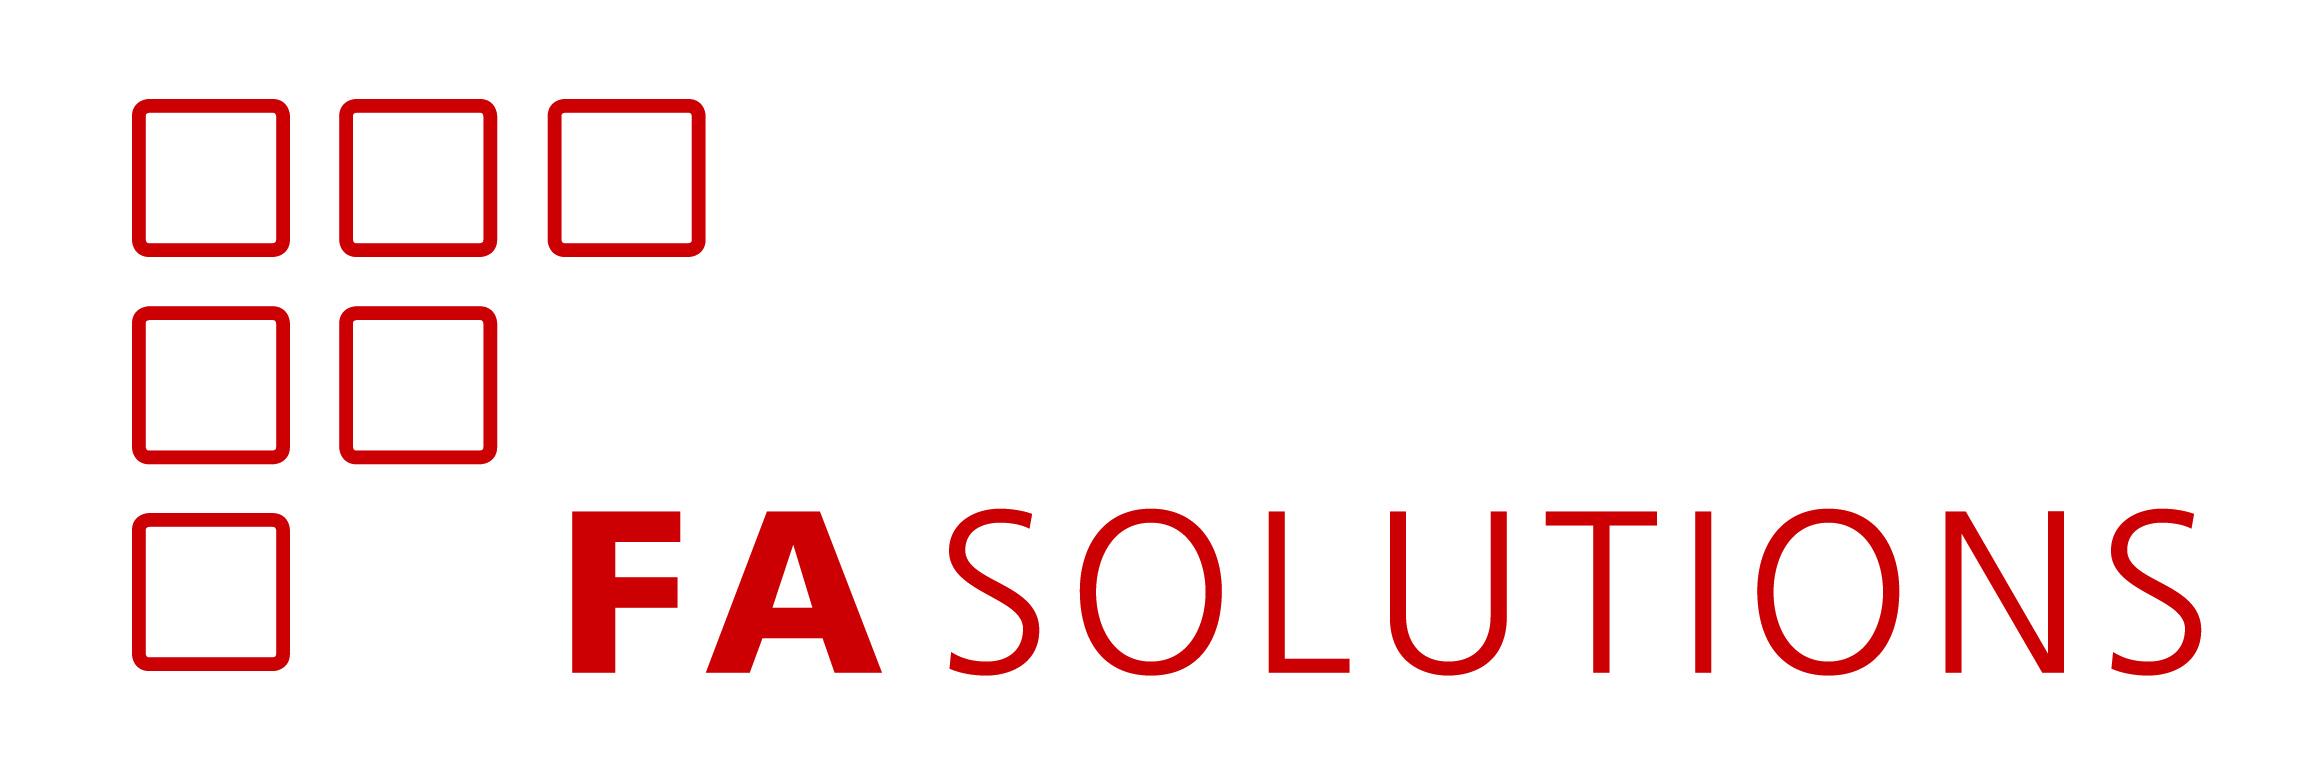 fa-solutions-project-manager-helsinki-or-stockholm-helsinki-sdsuu-2978204 logo